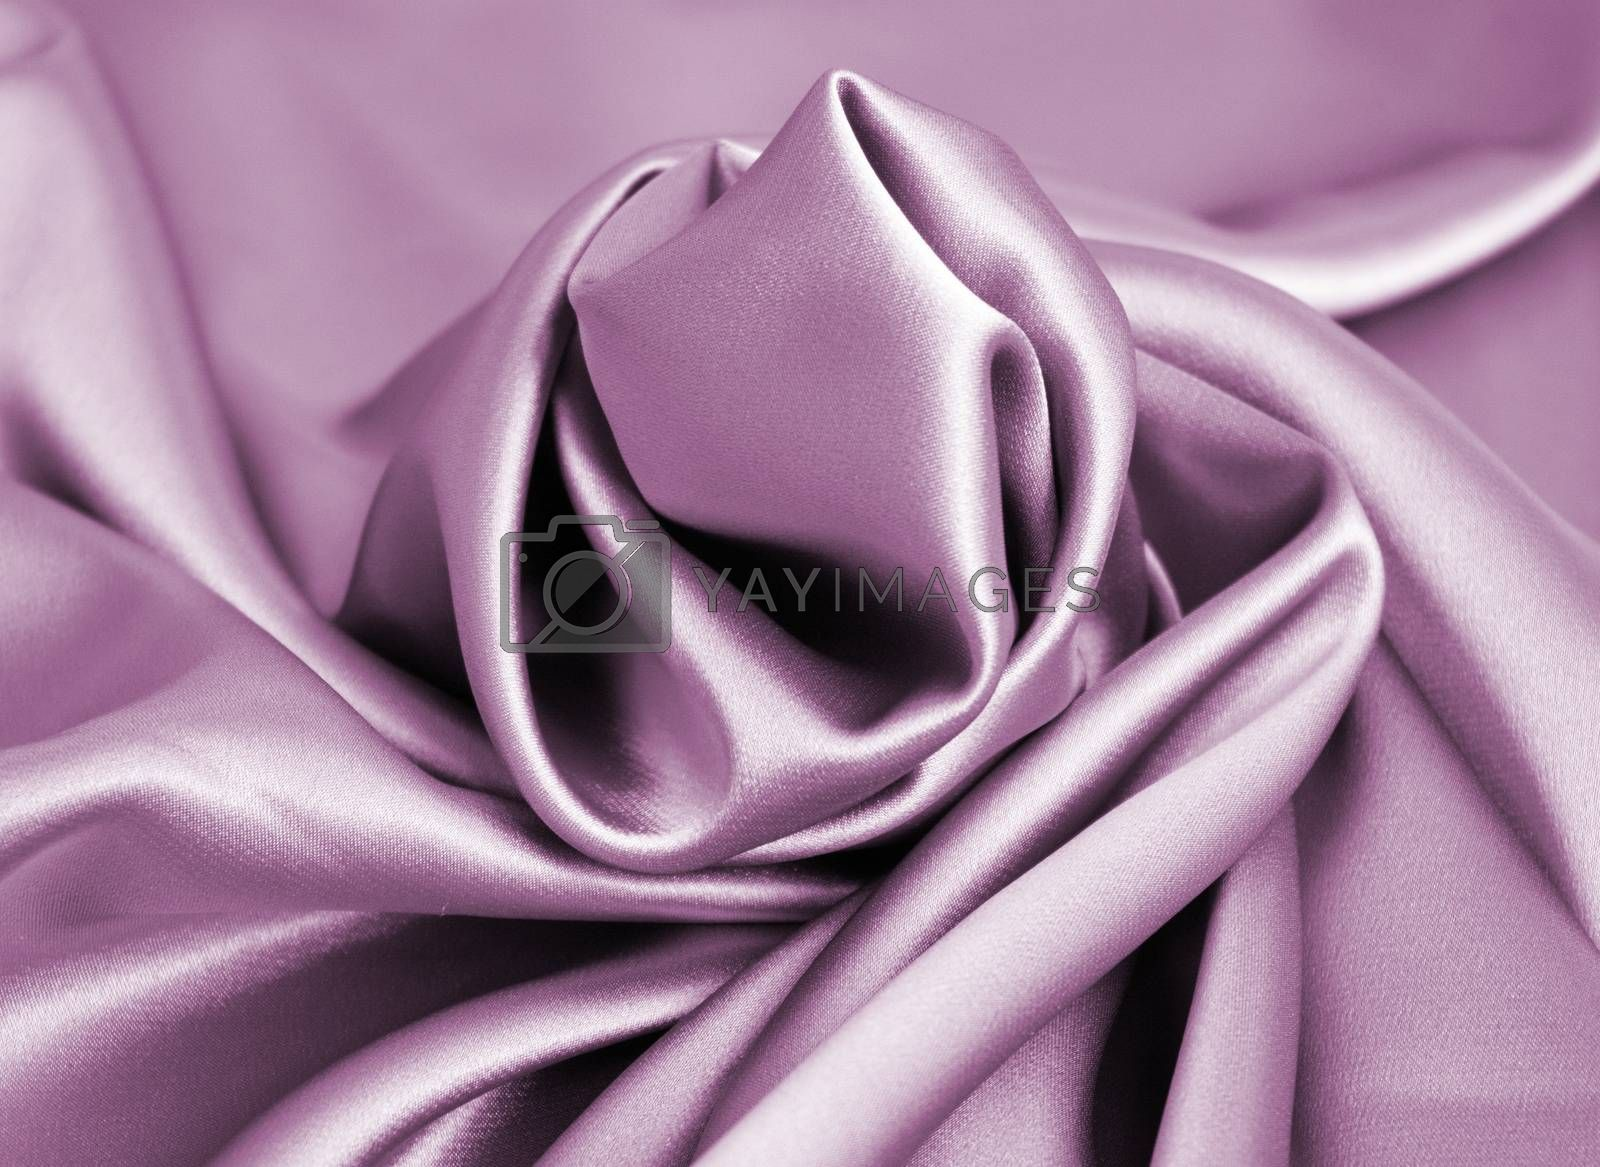 Beautiful purple fabrics background